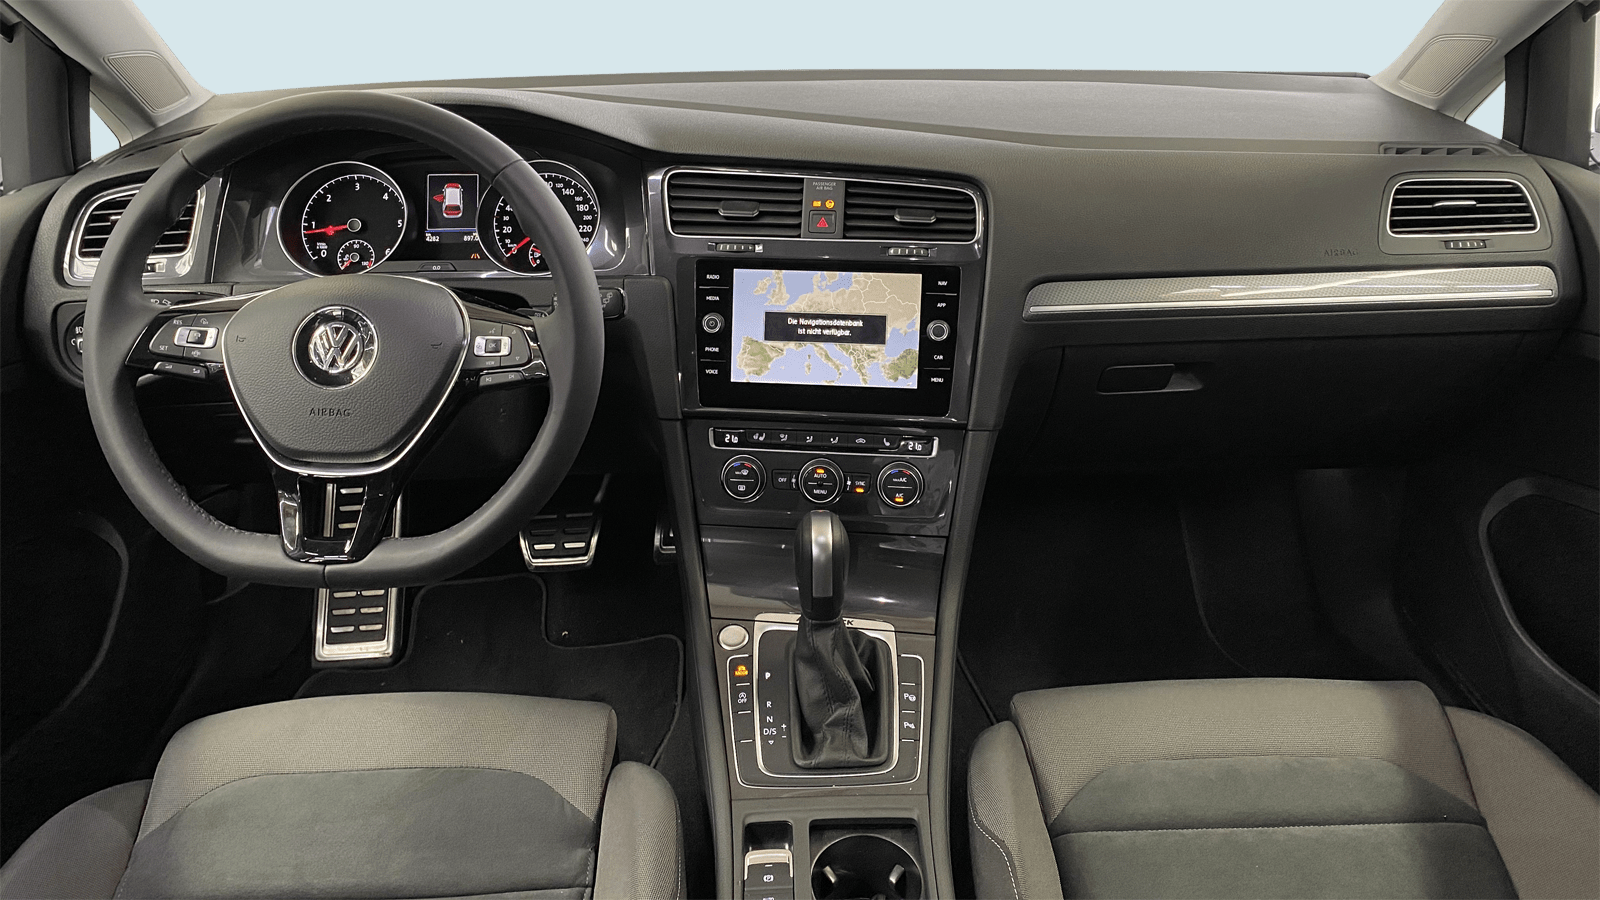 VW Golf Variant Alltrack White interior - Clyde car subscription